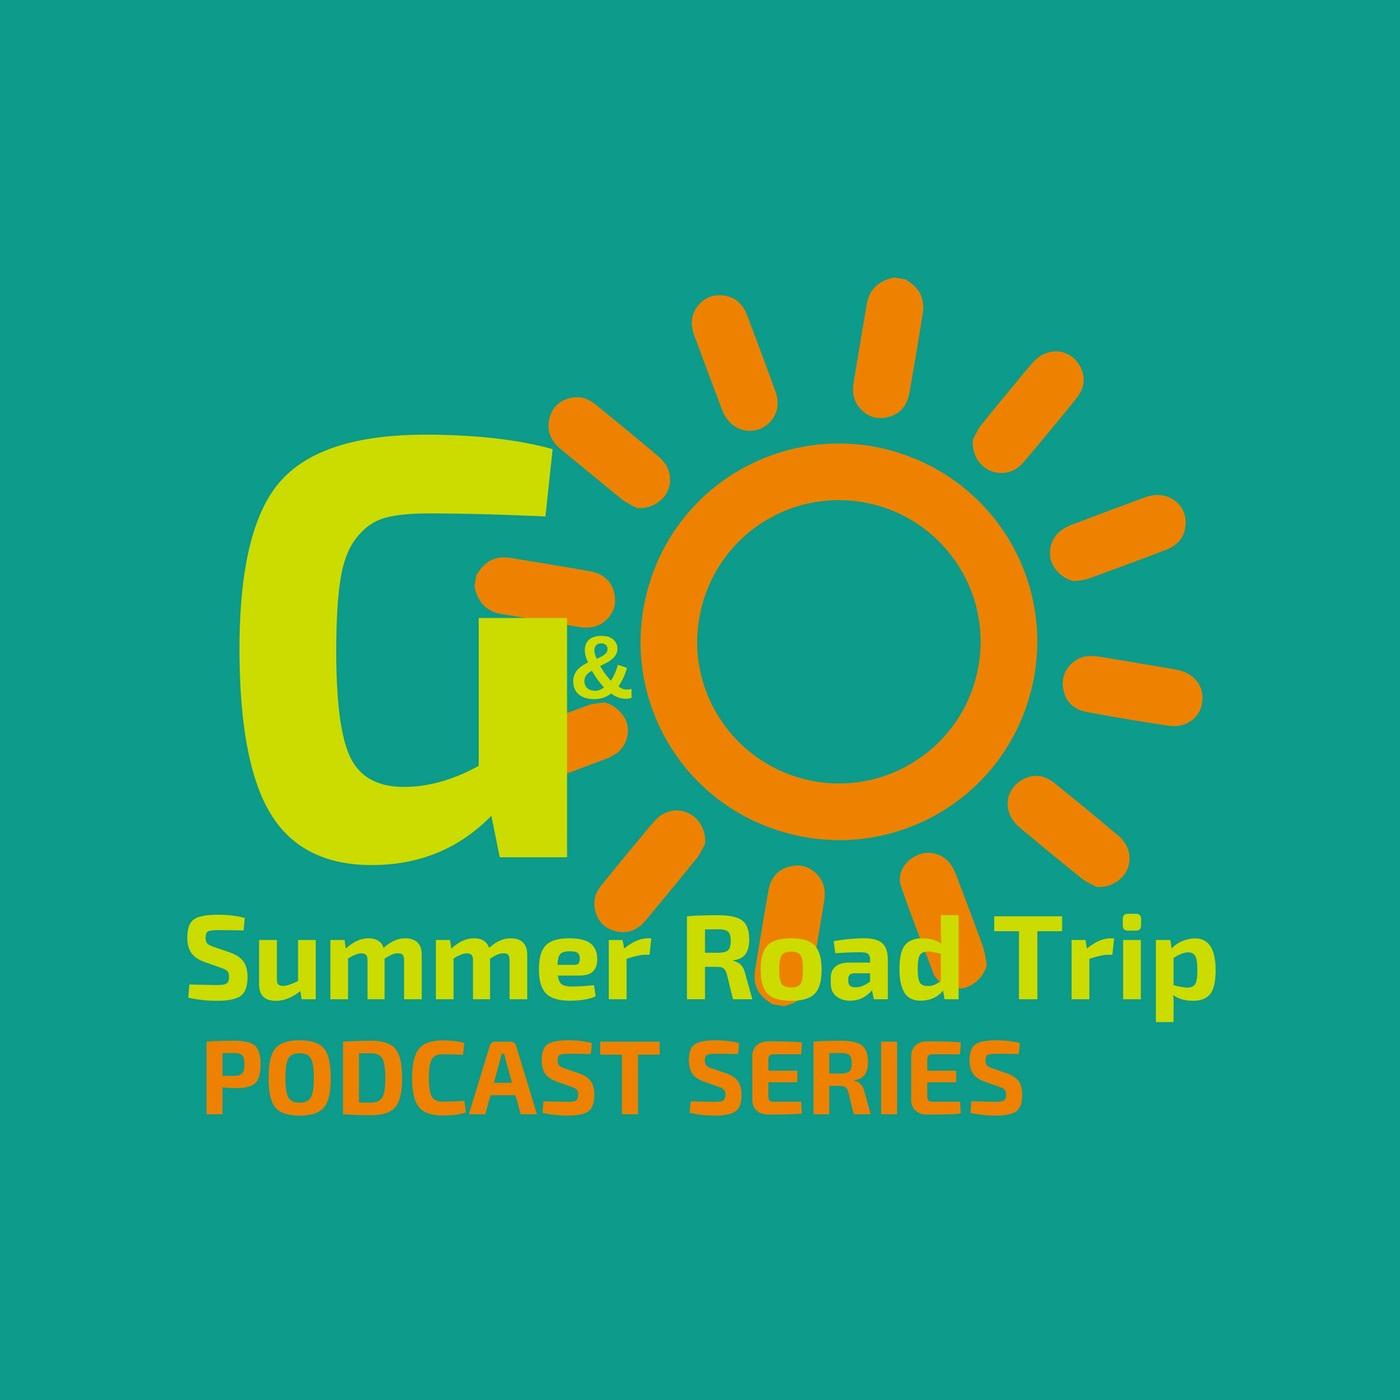 G&O podcast logo